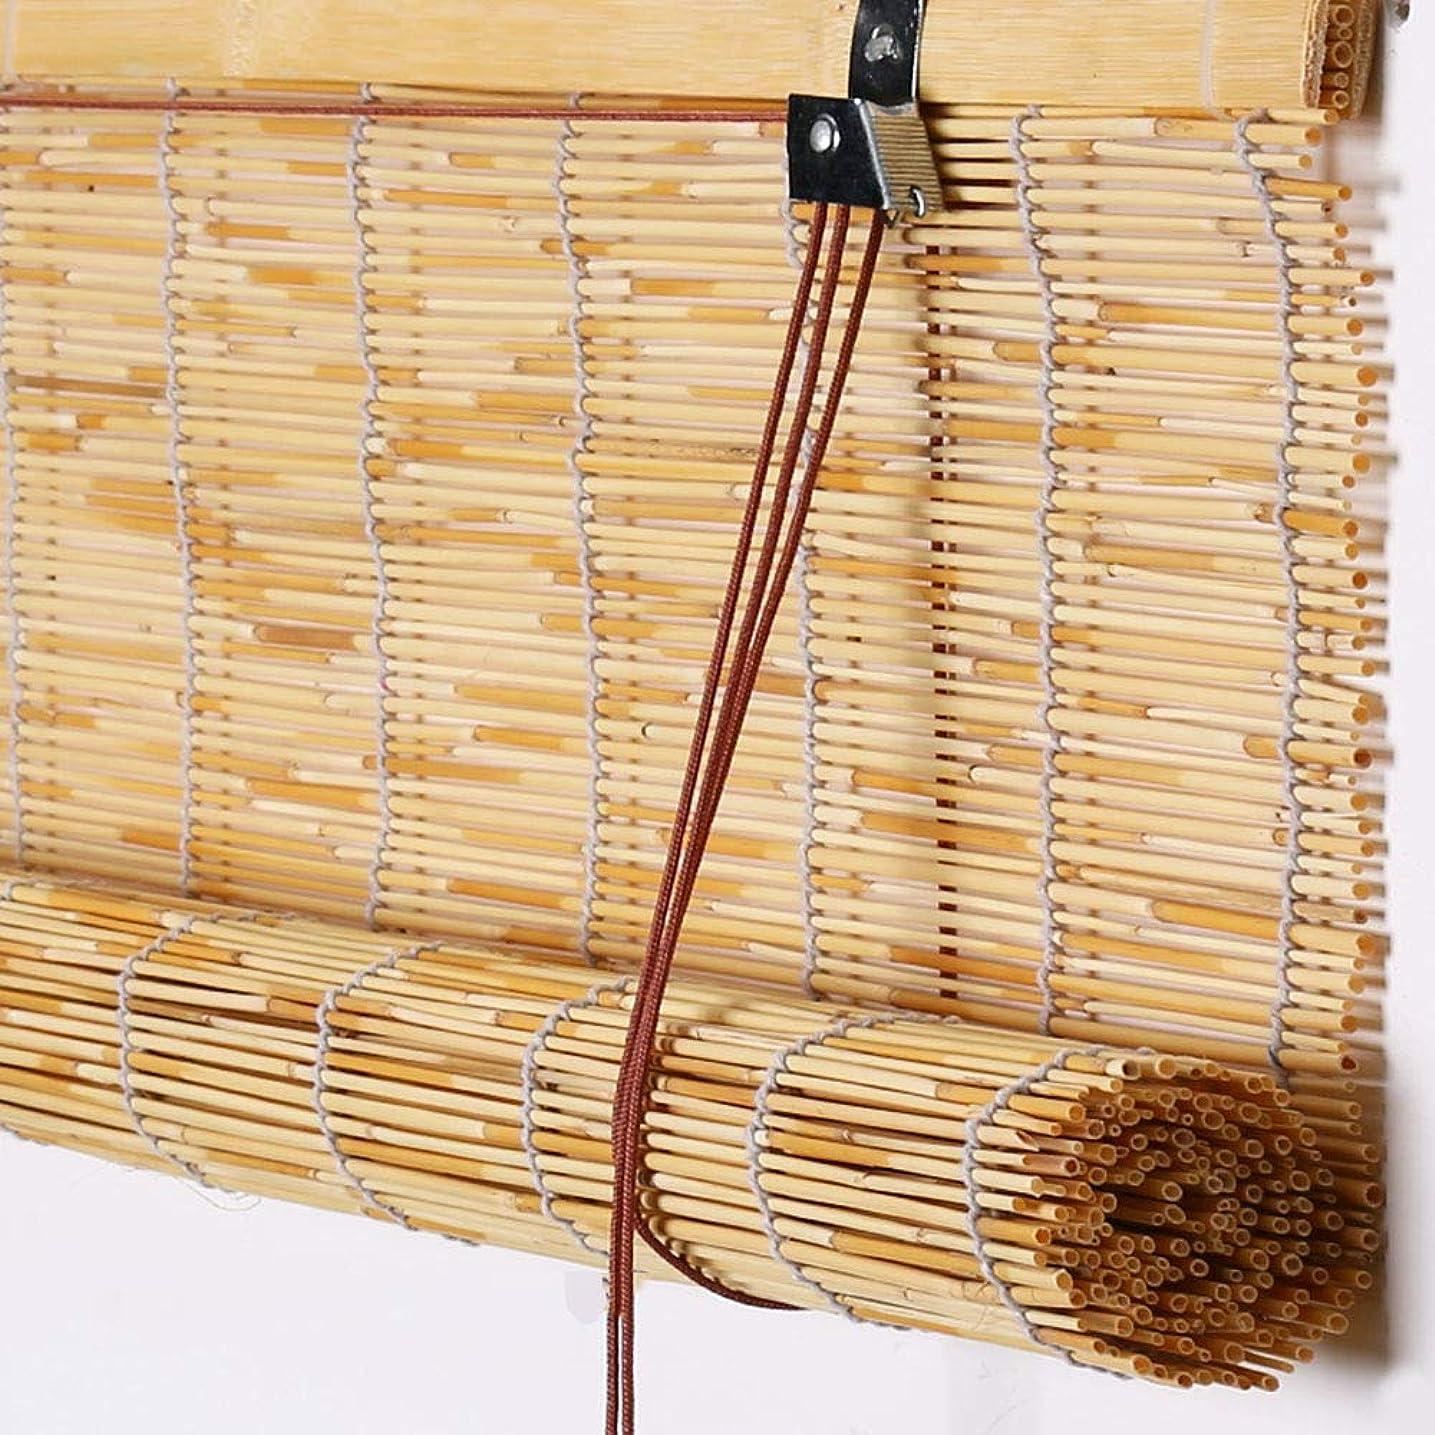 アレルギー化学薬品取り組む別れのわらのカーテン|写真別れのわらのカーテンリードカーテン|写真リードカーテン農場装飾カーテン|ベクターイラスト| カーテンカーテン で利用できる日よけ、